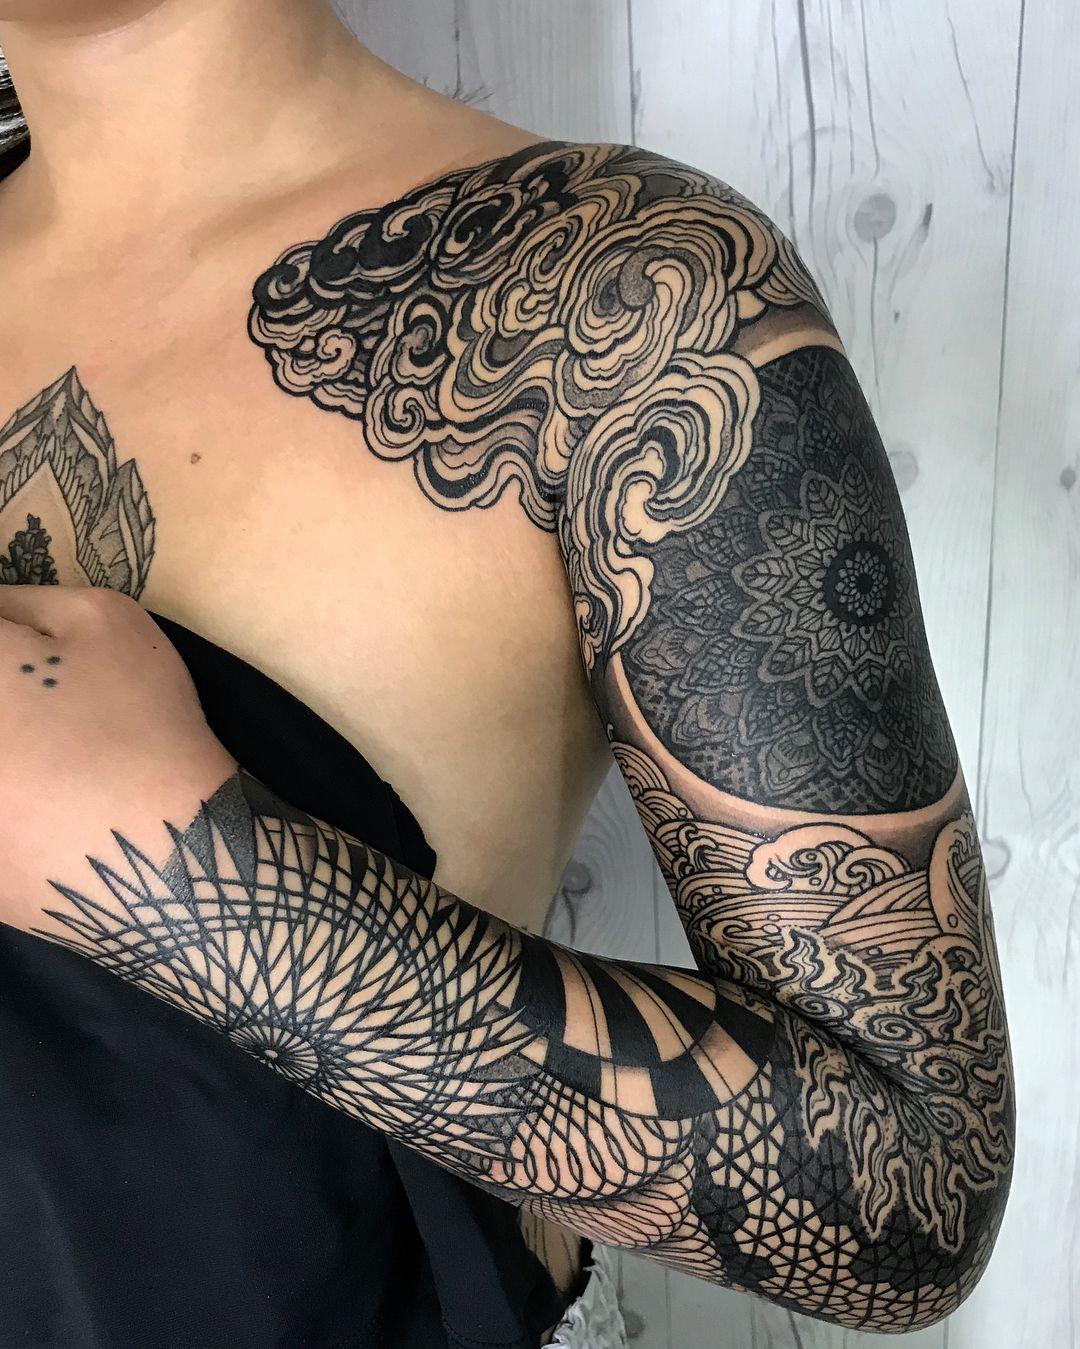 Details On Sharyfairy Tattoo Styles Sleeve Tattoos Tattoos